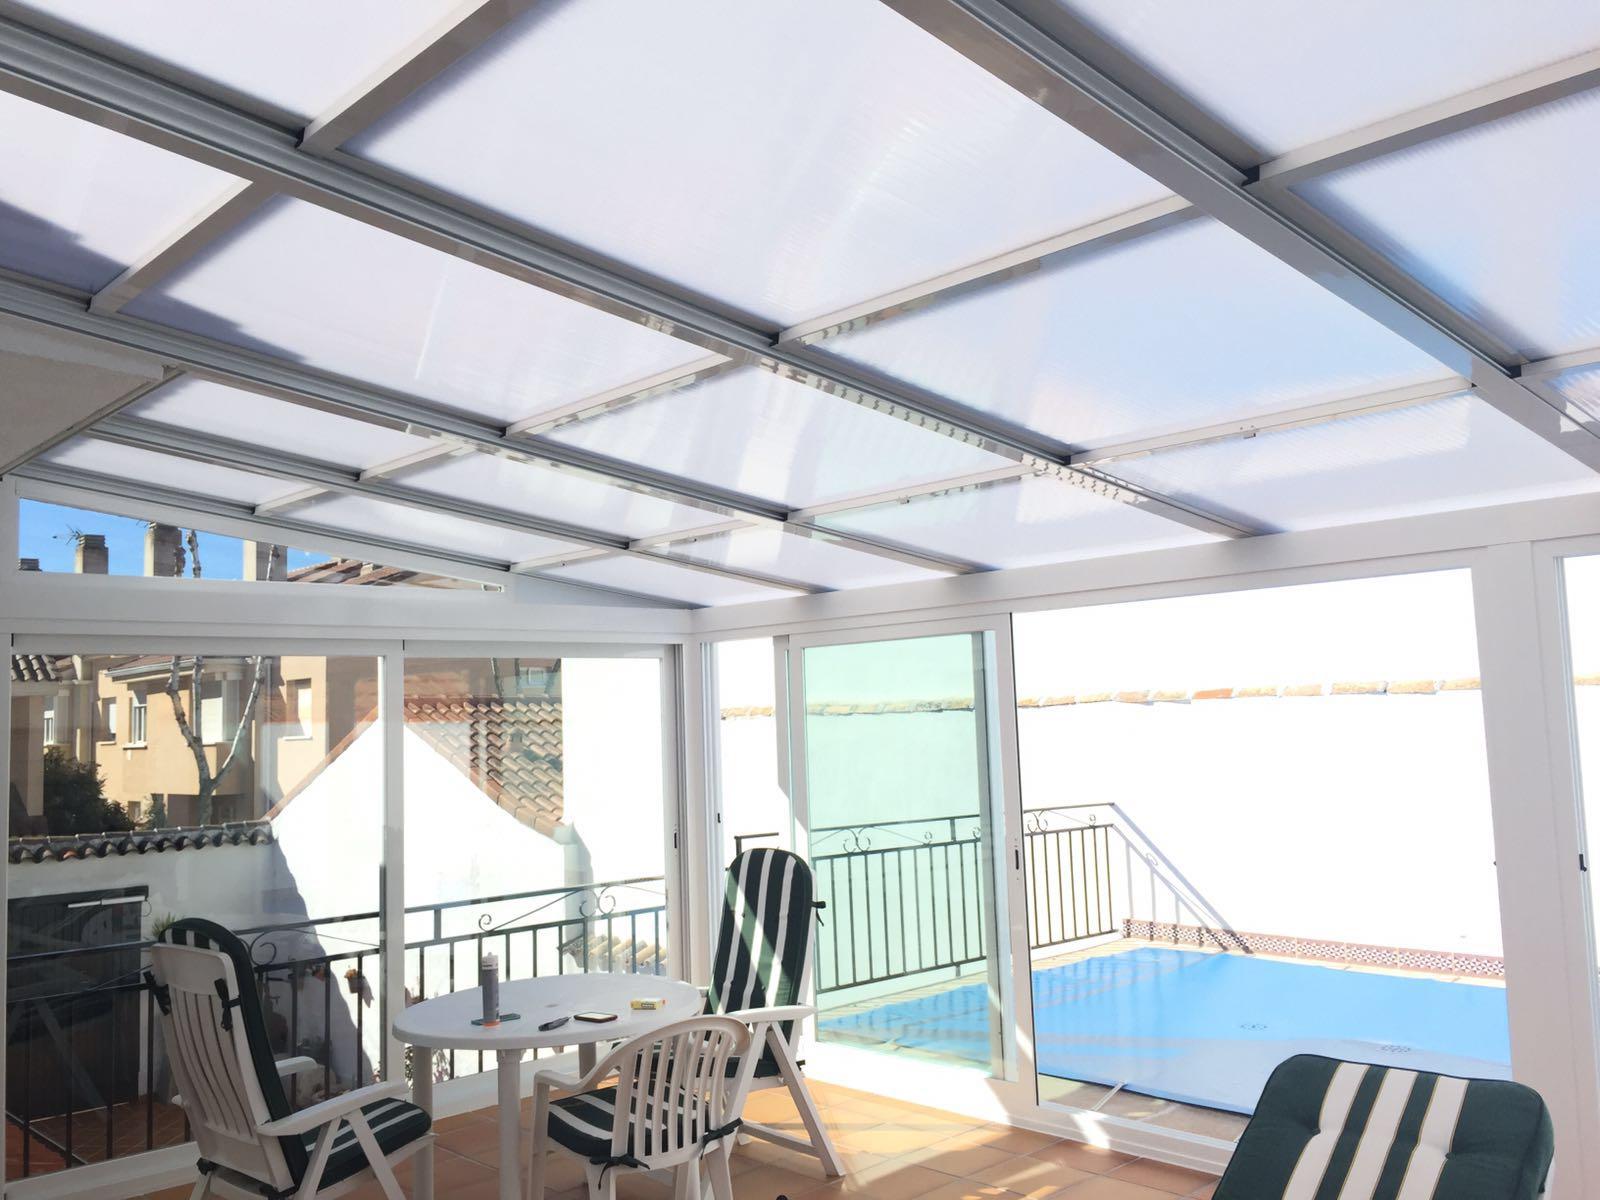 Cierre de espacios proximos a la piscina cubierta piscinas f bricant techo m vil cosmoval 644 - Techo piscina cubierta ...